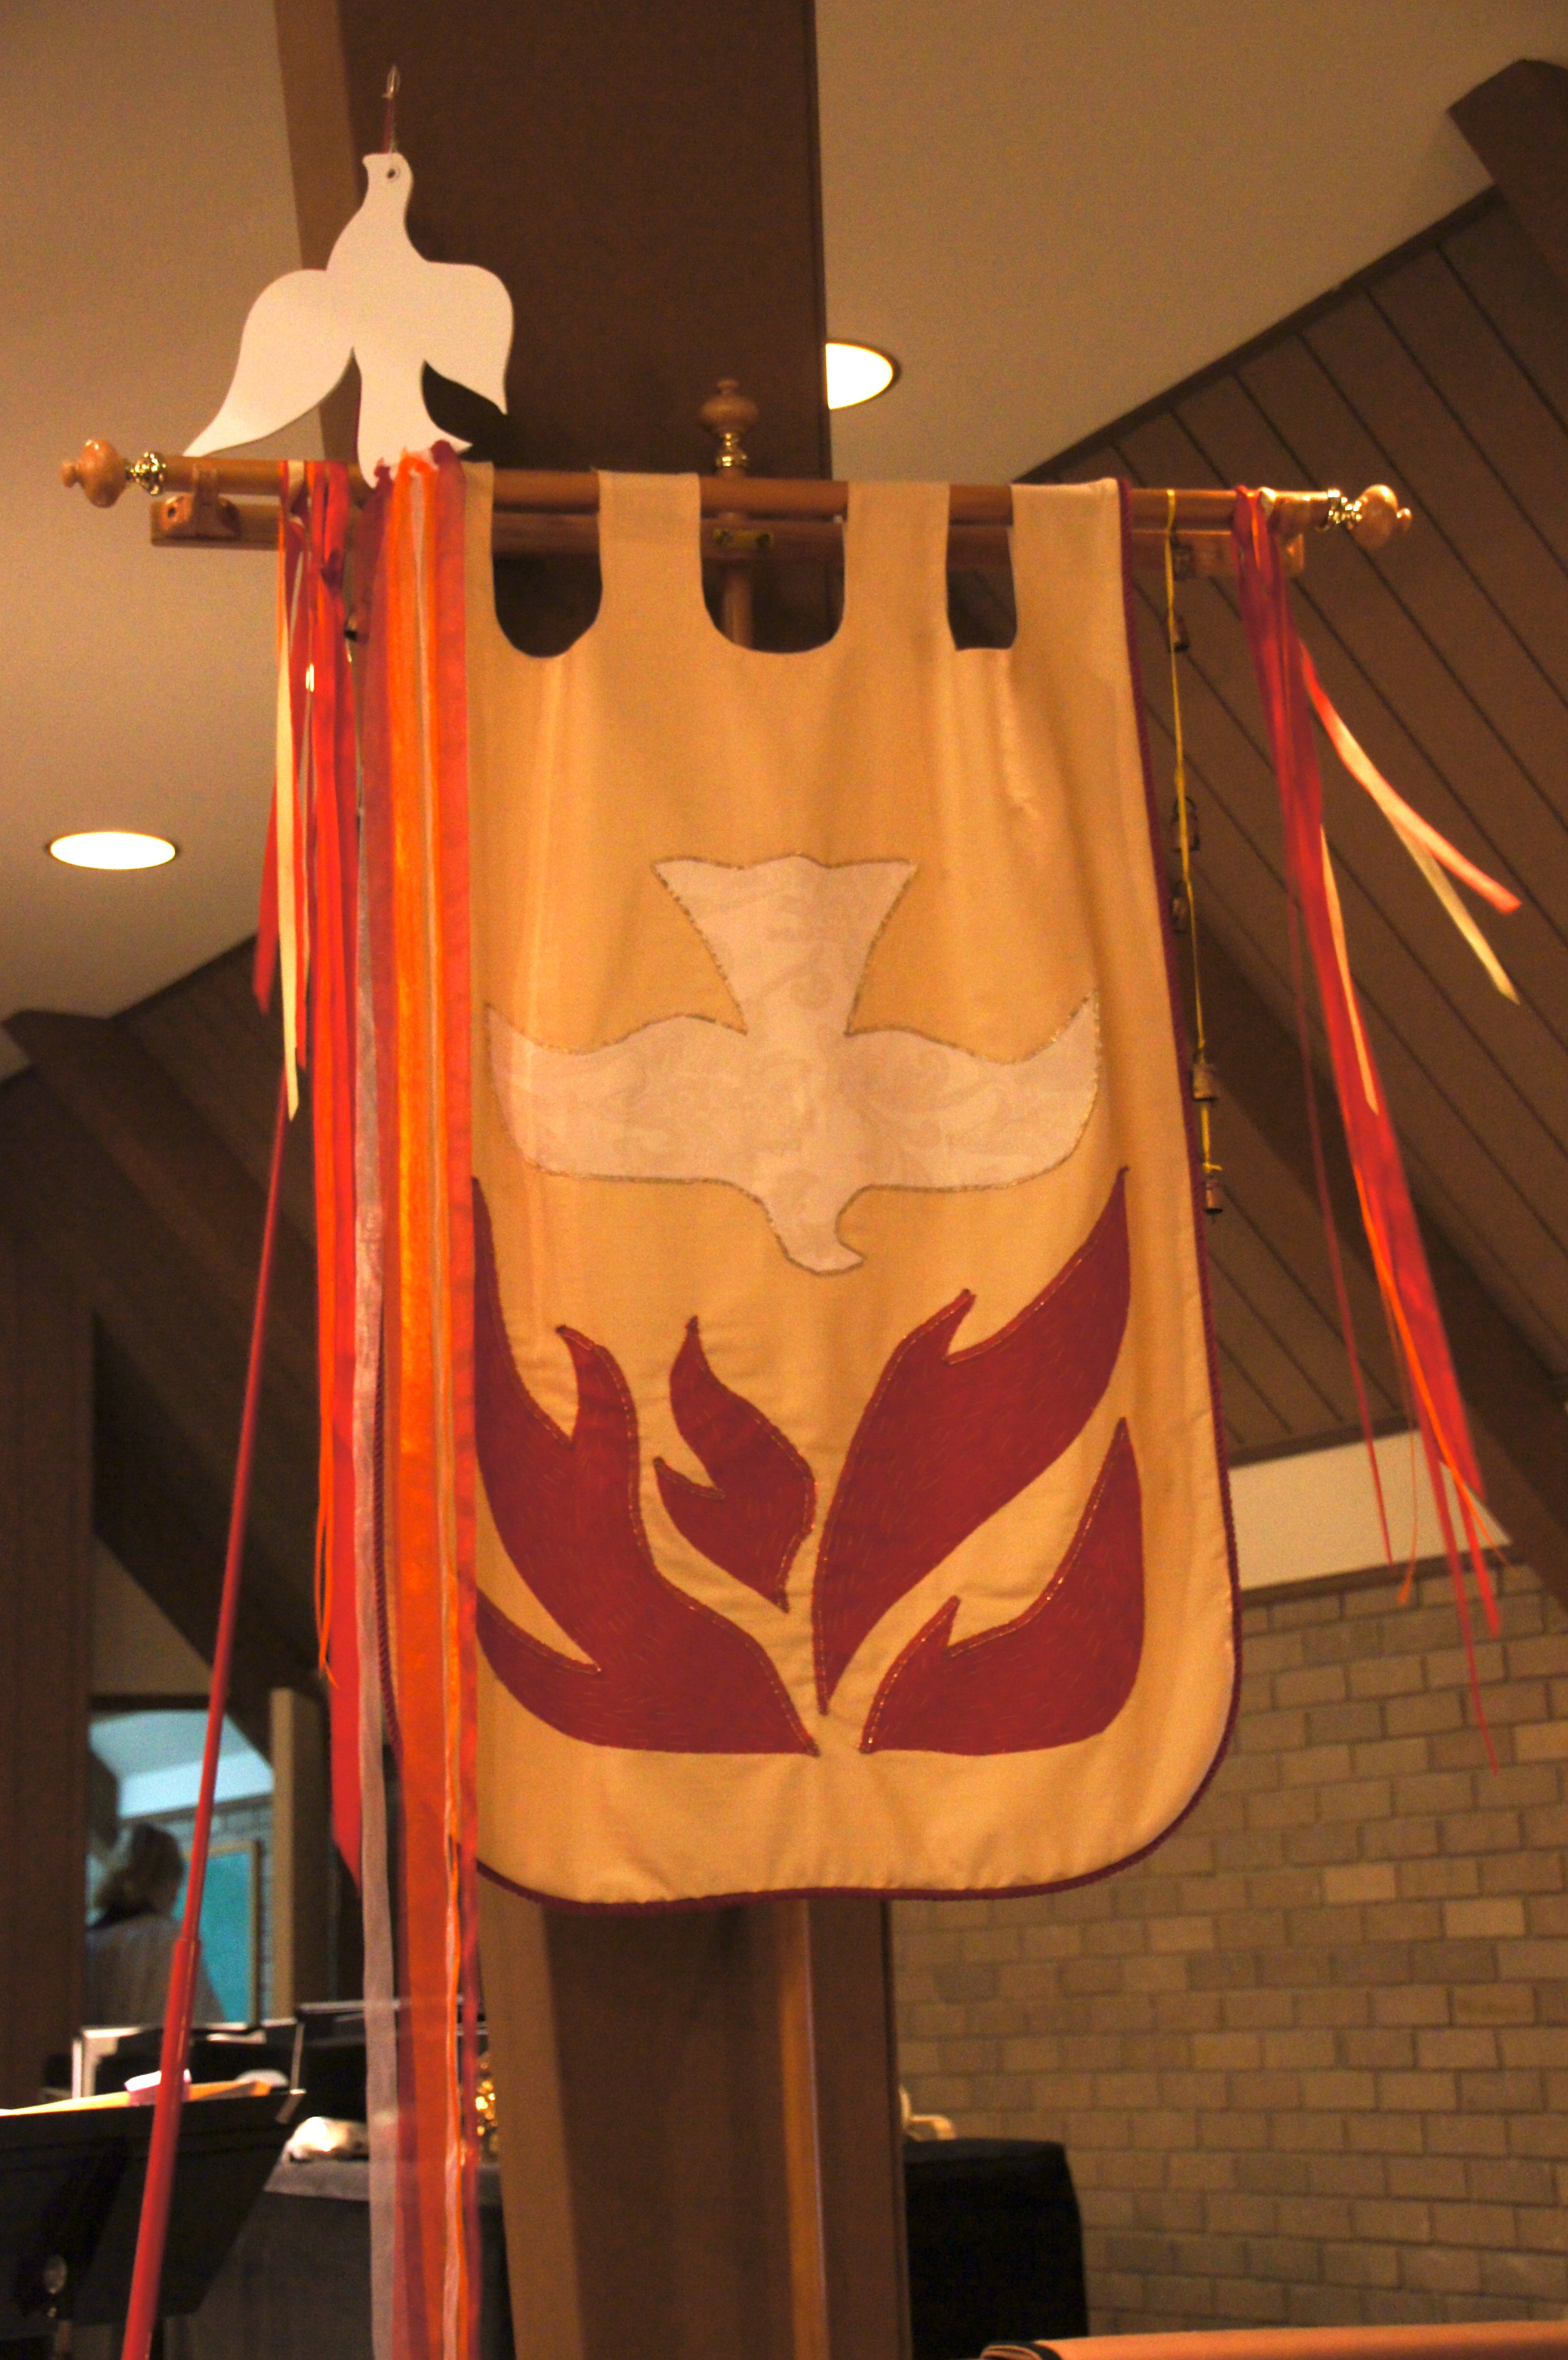 Pentecost Banner St. Luke's Episcopal Church North Little Rock